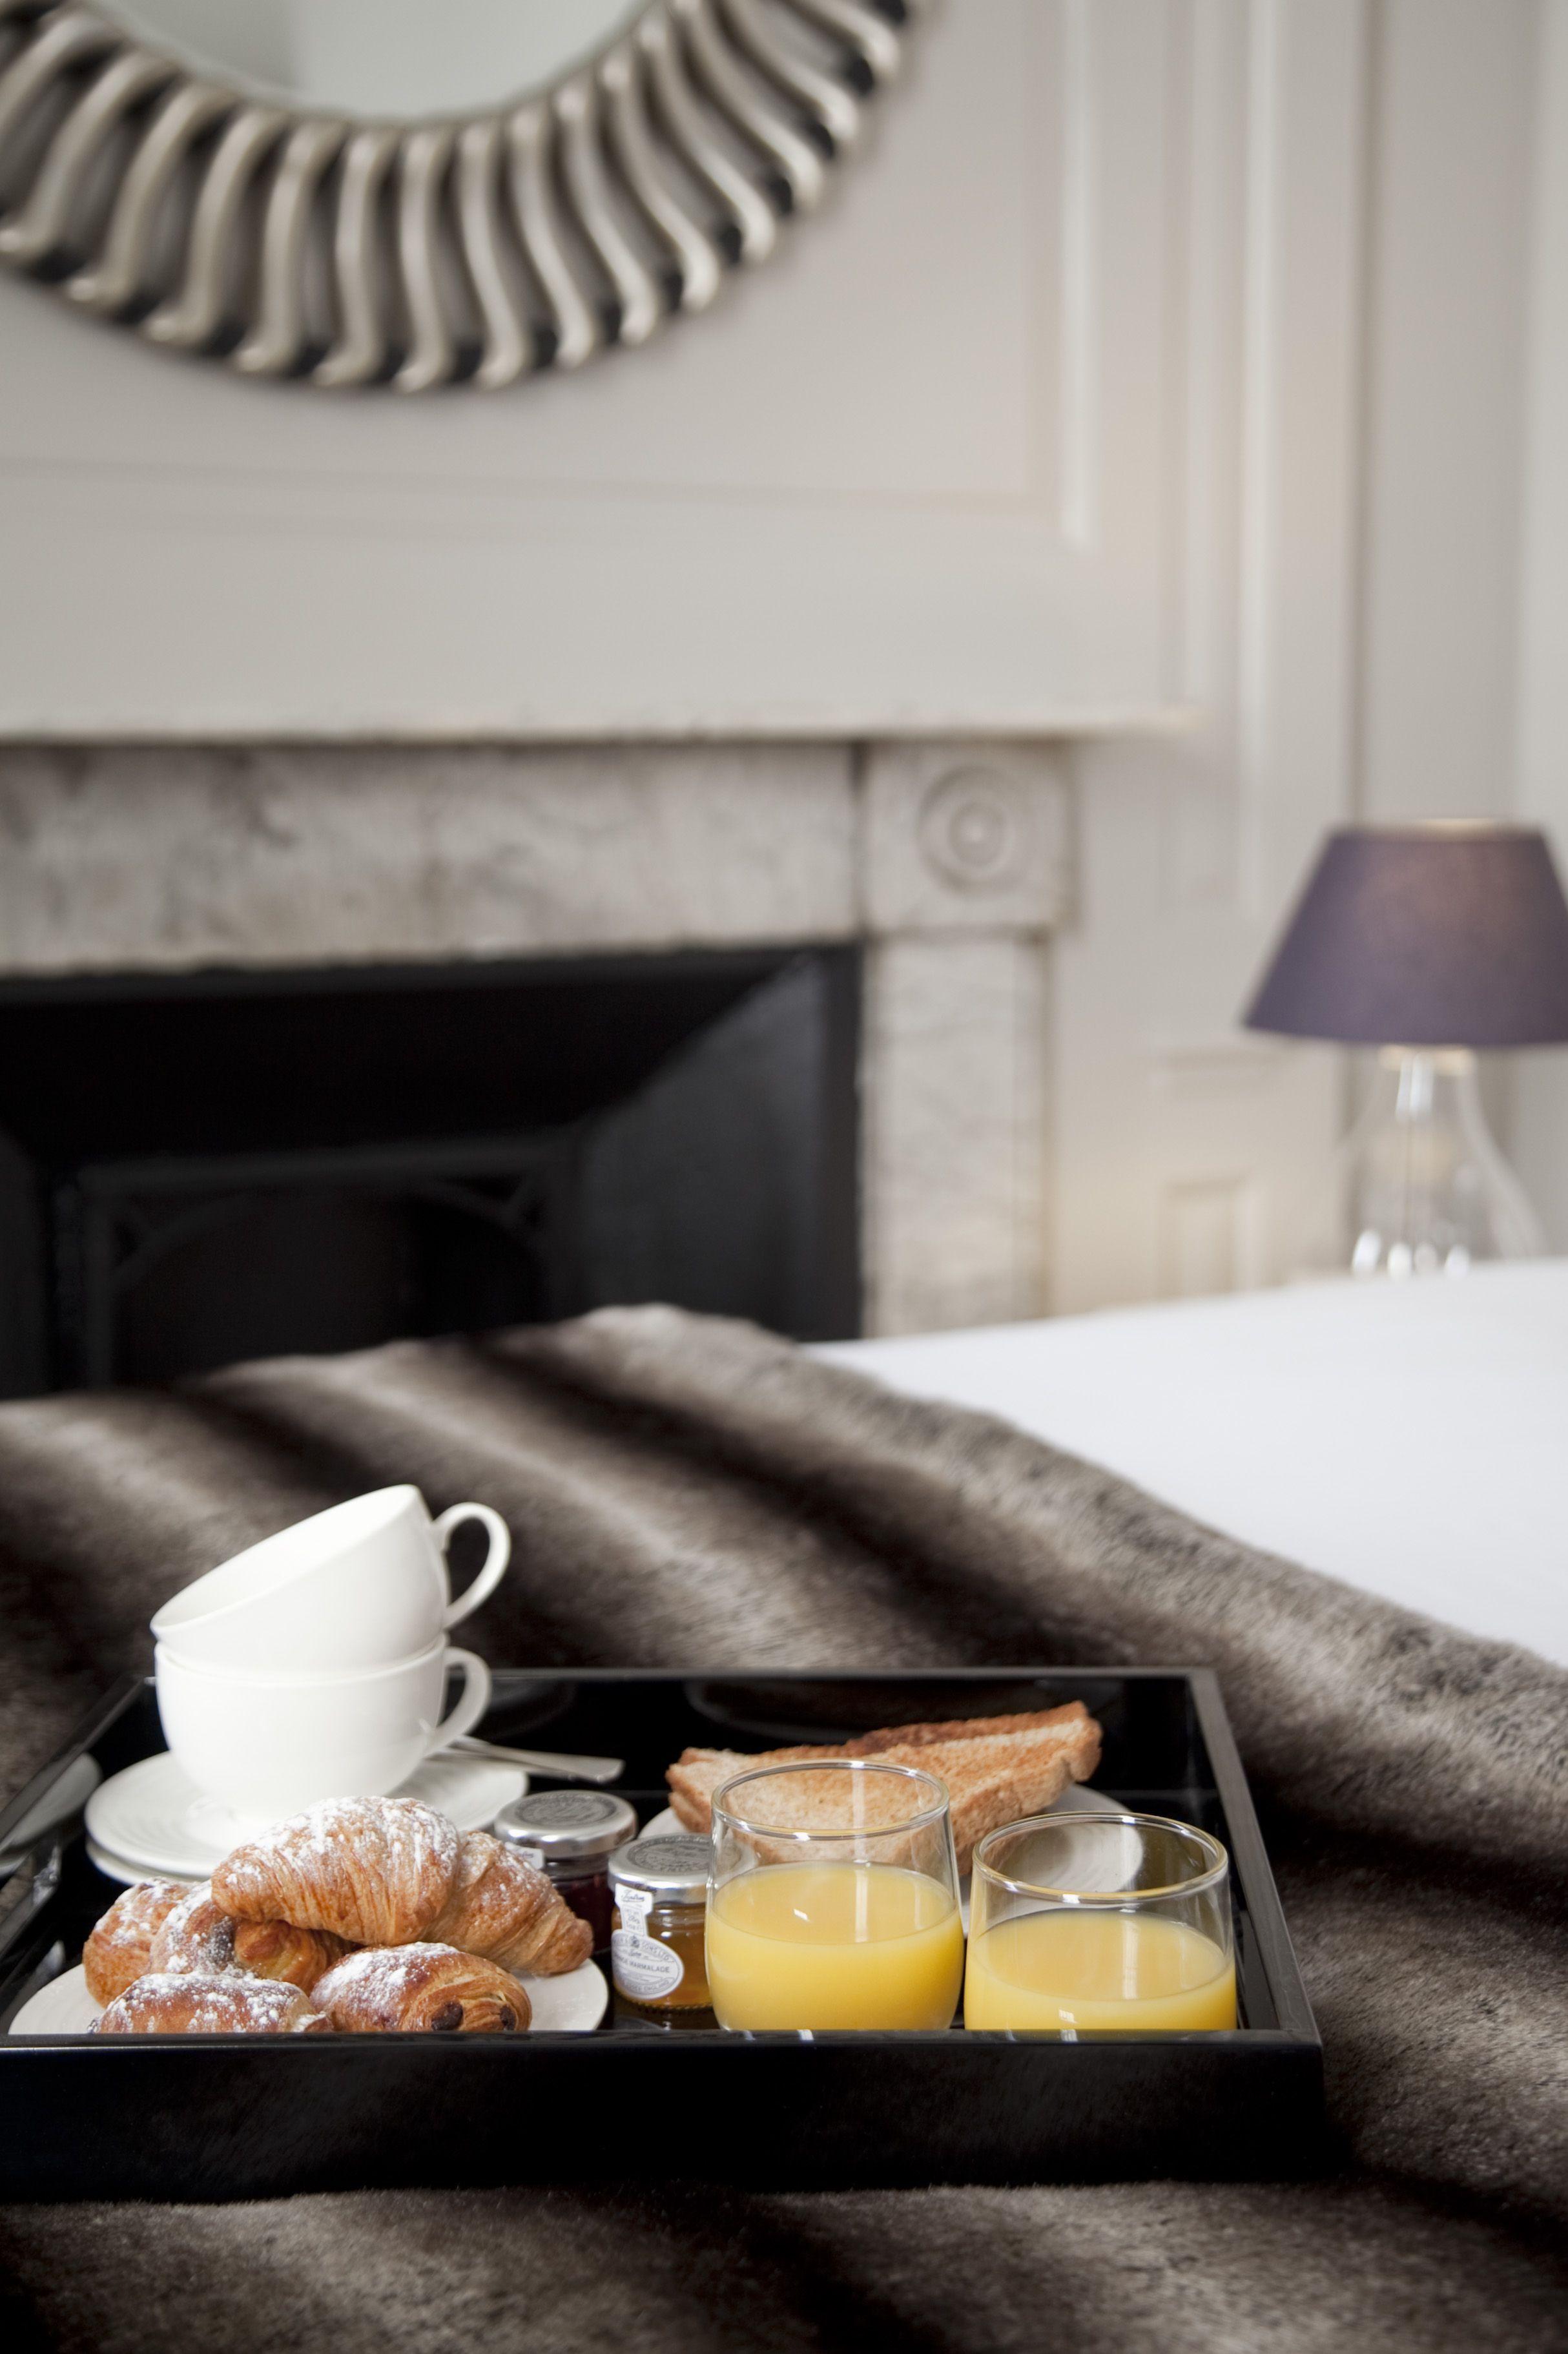 Breakfast foodie hotel breakfast interior design interior design inspiration bedroom design